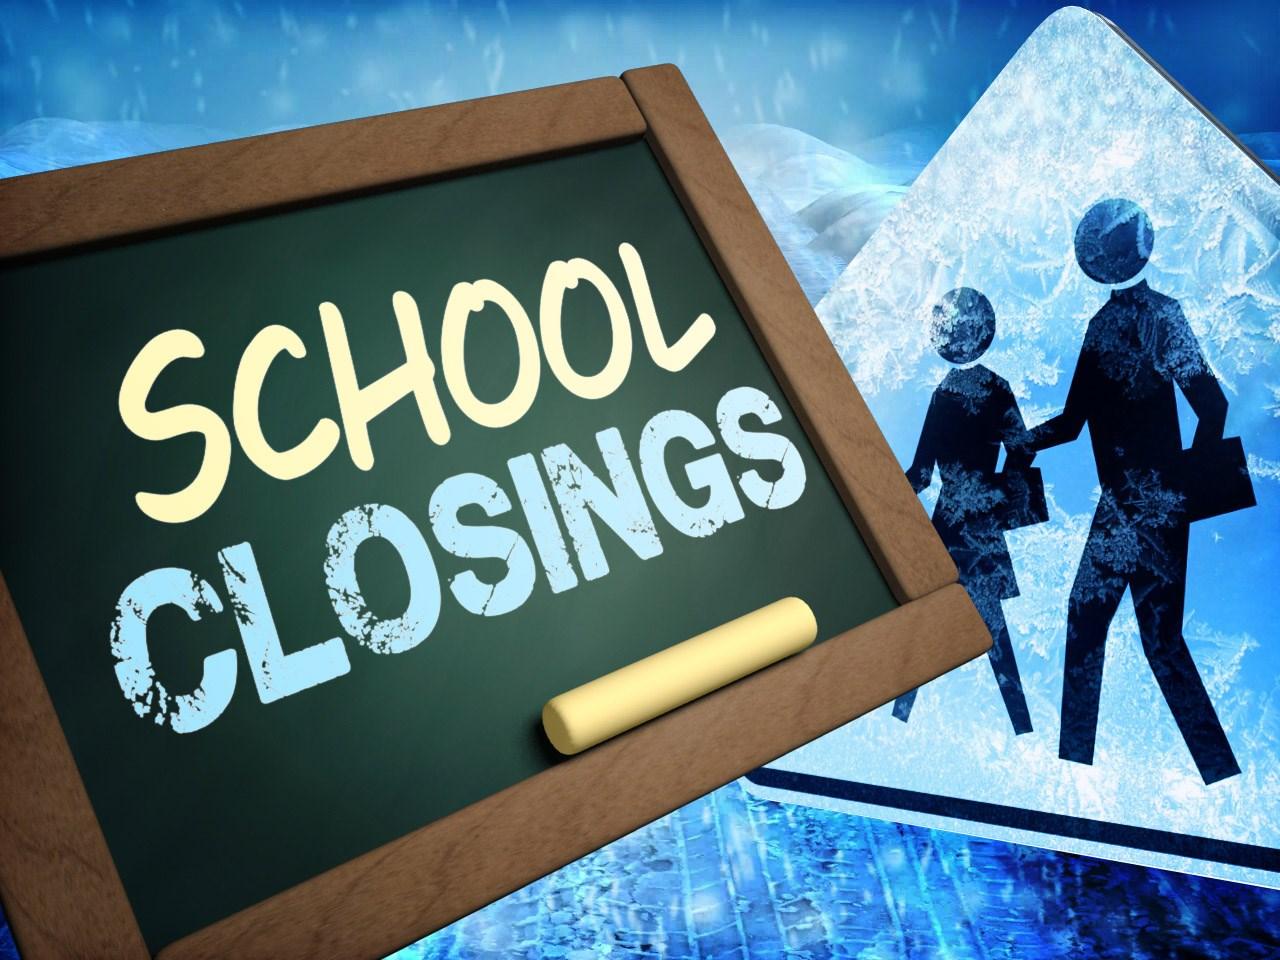 school closings_1548243028126.jpg.jpg